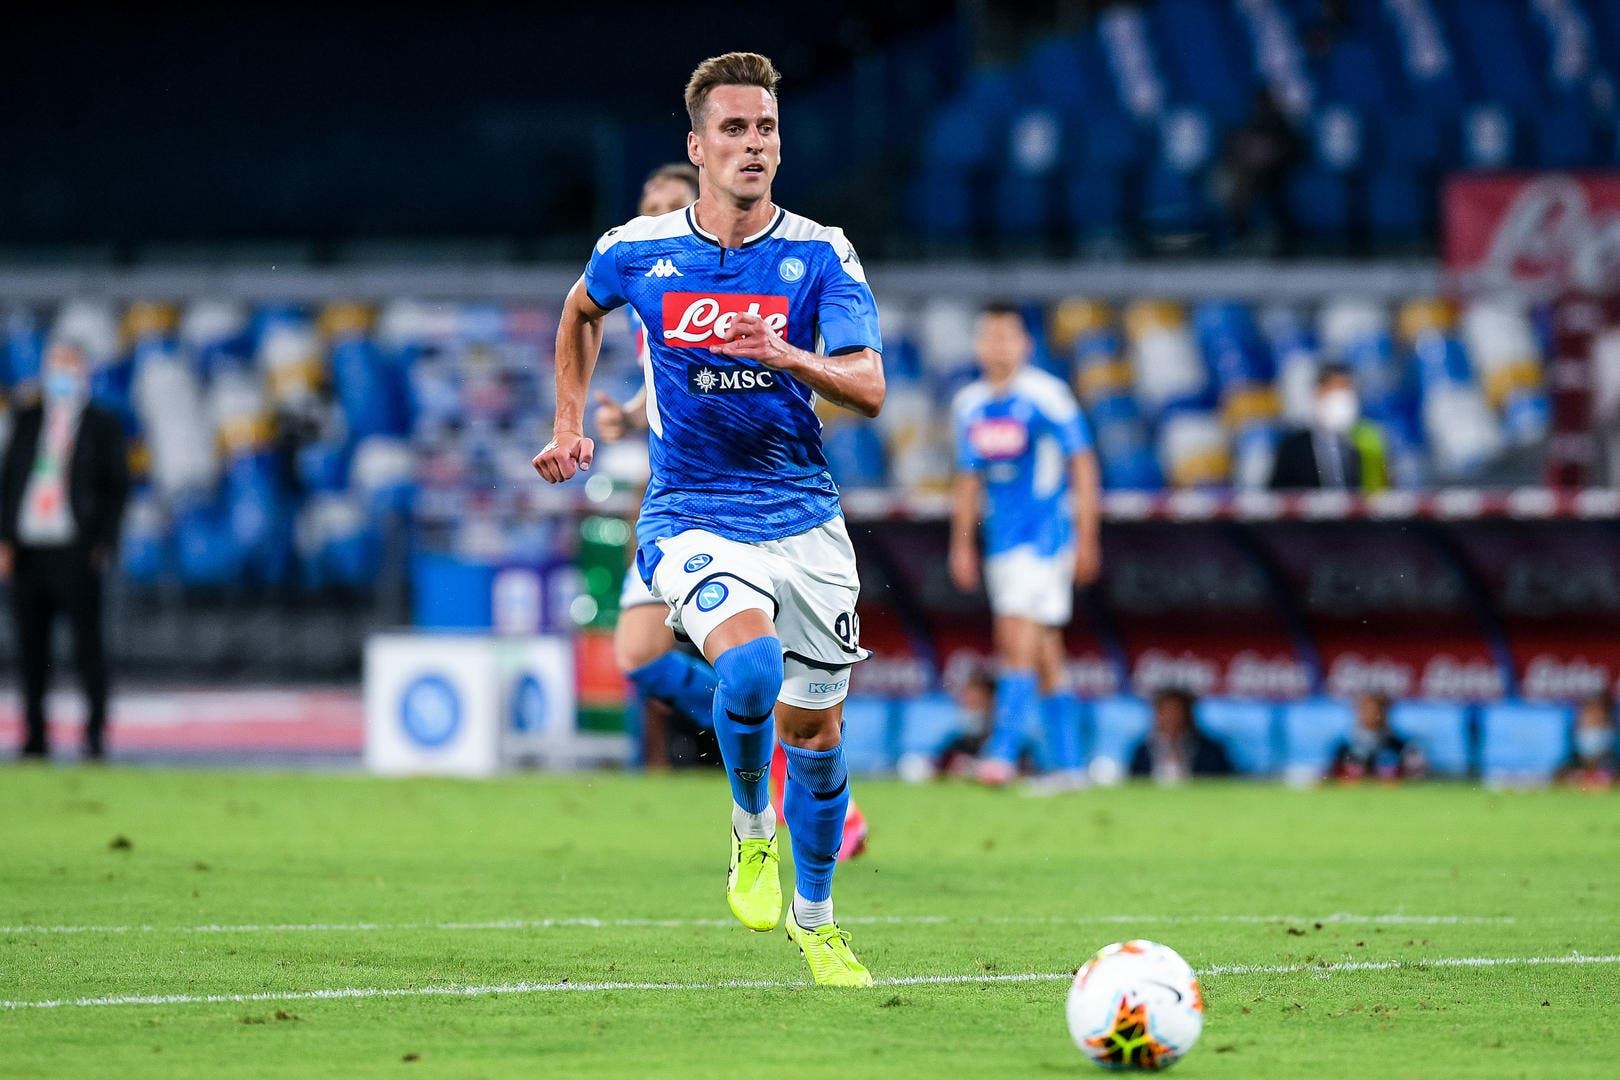 Transfert OM : Milik arrive, Naples accepte un drôle de deal